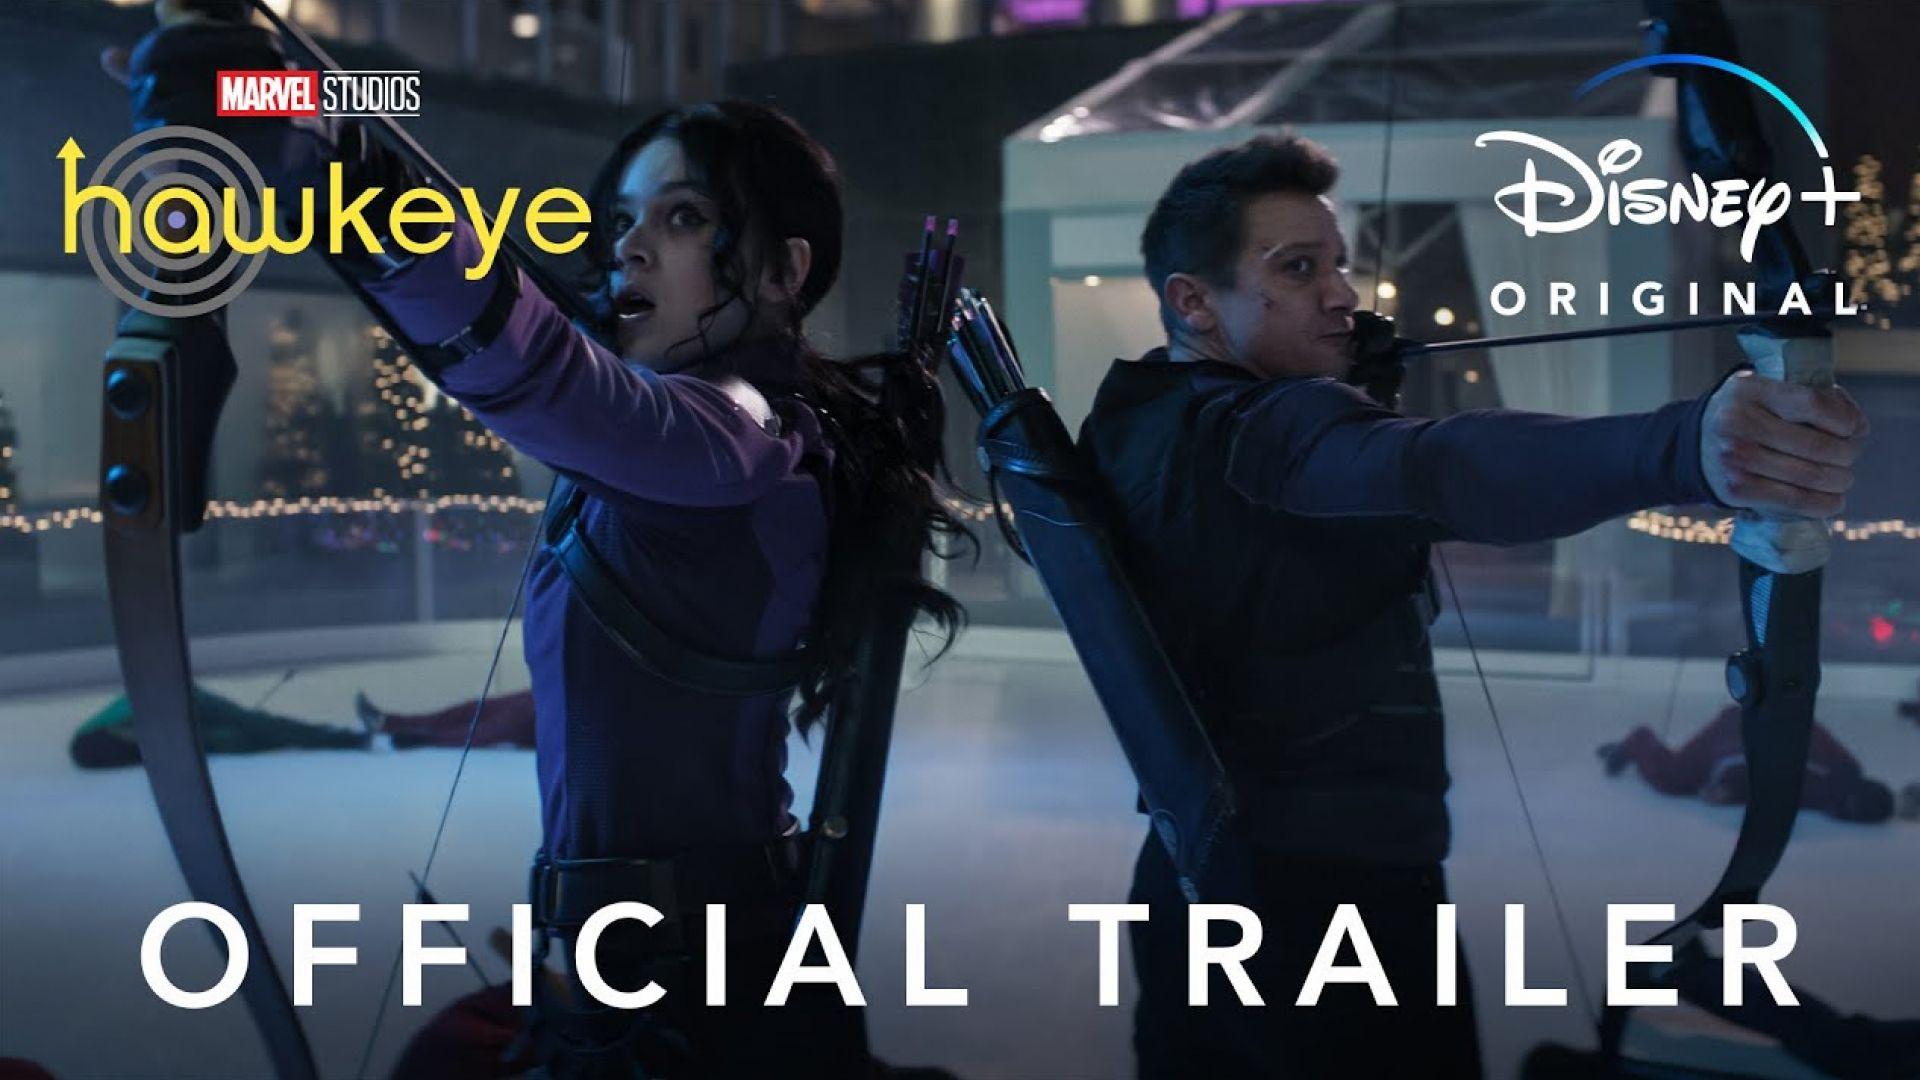 'Hawkeye' Official Trailer